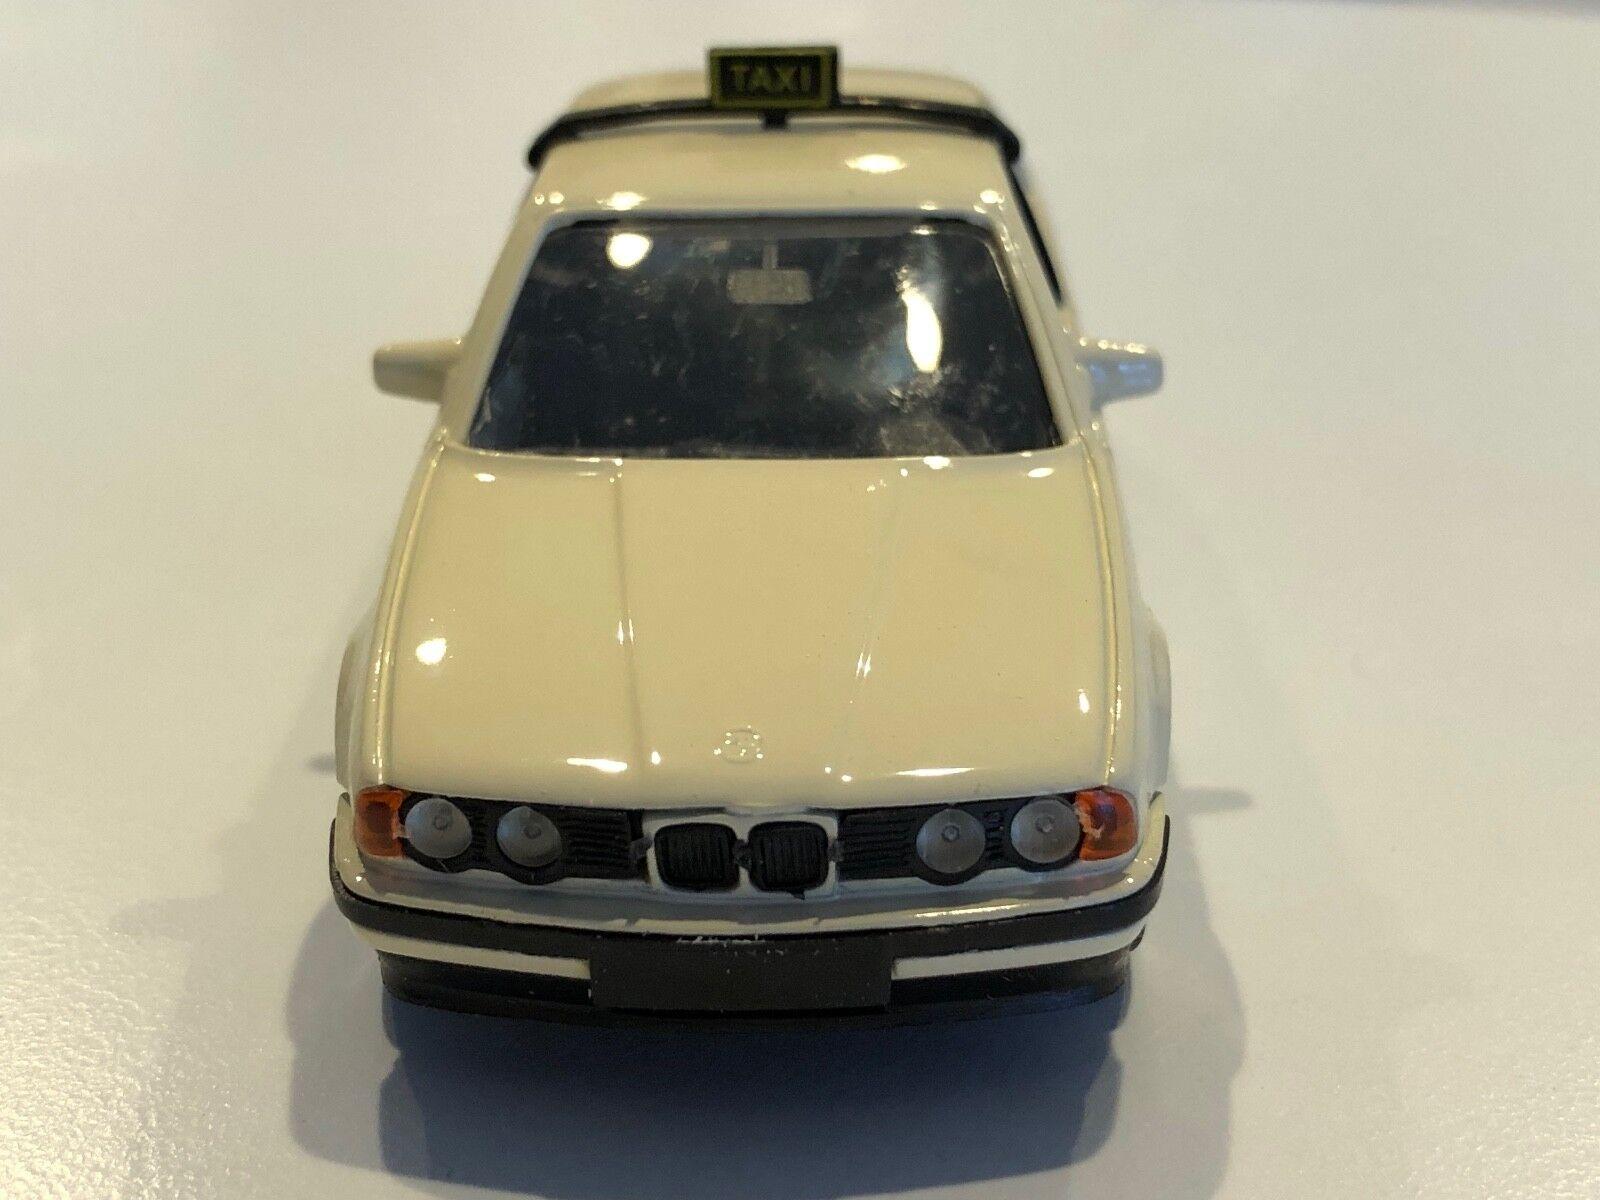 BMW 535i E34 German Taxi Beige échelle 1 43 DIECAST MODEL   82 22 9 417 316